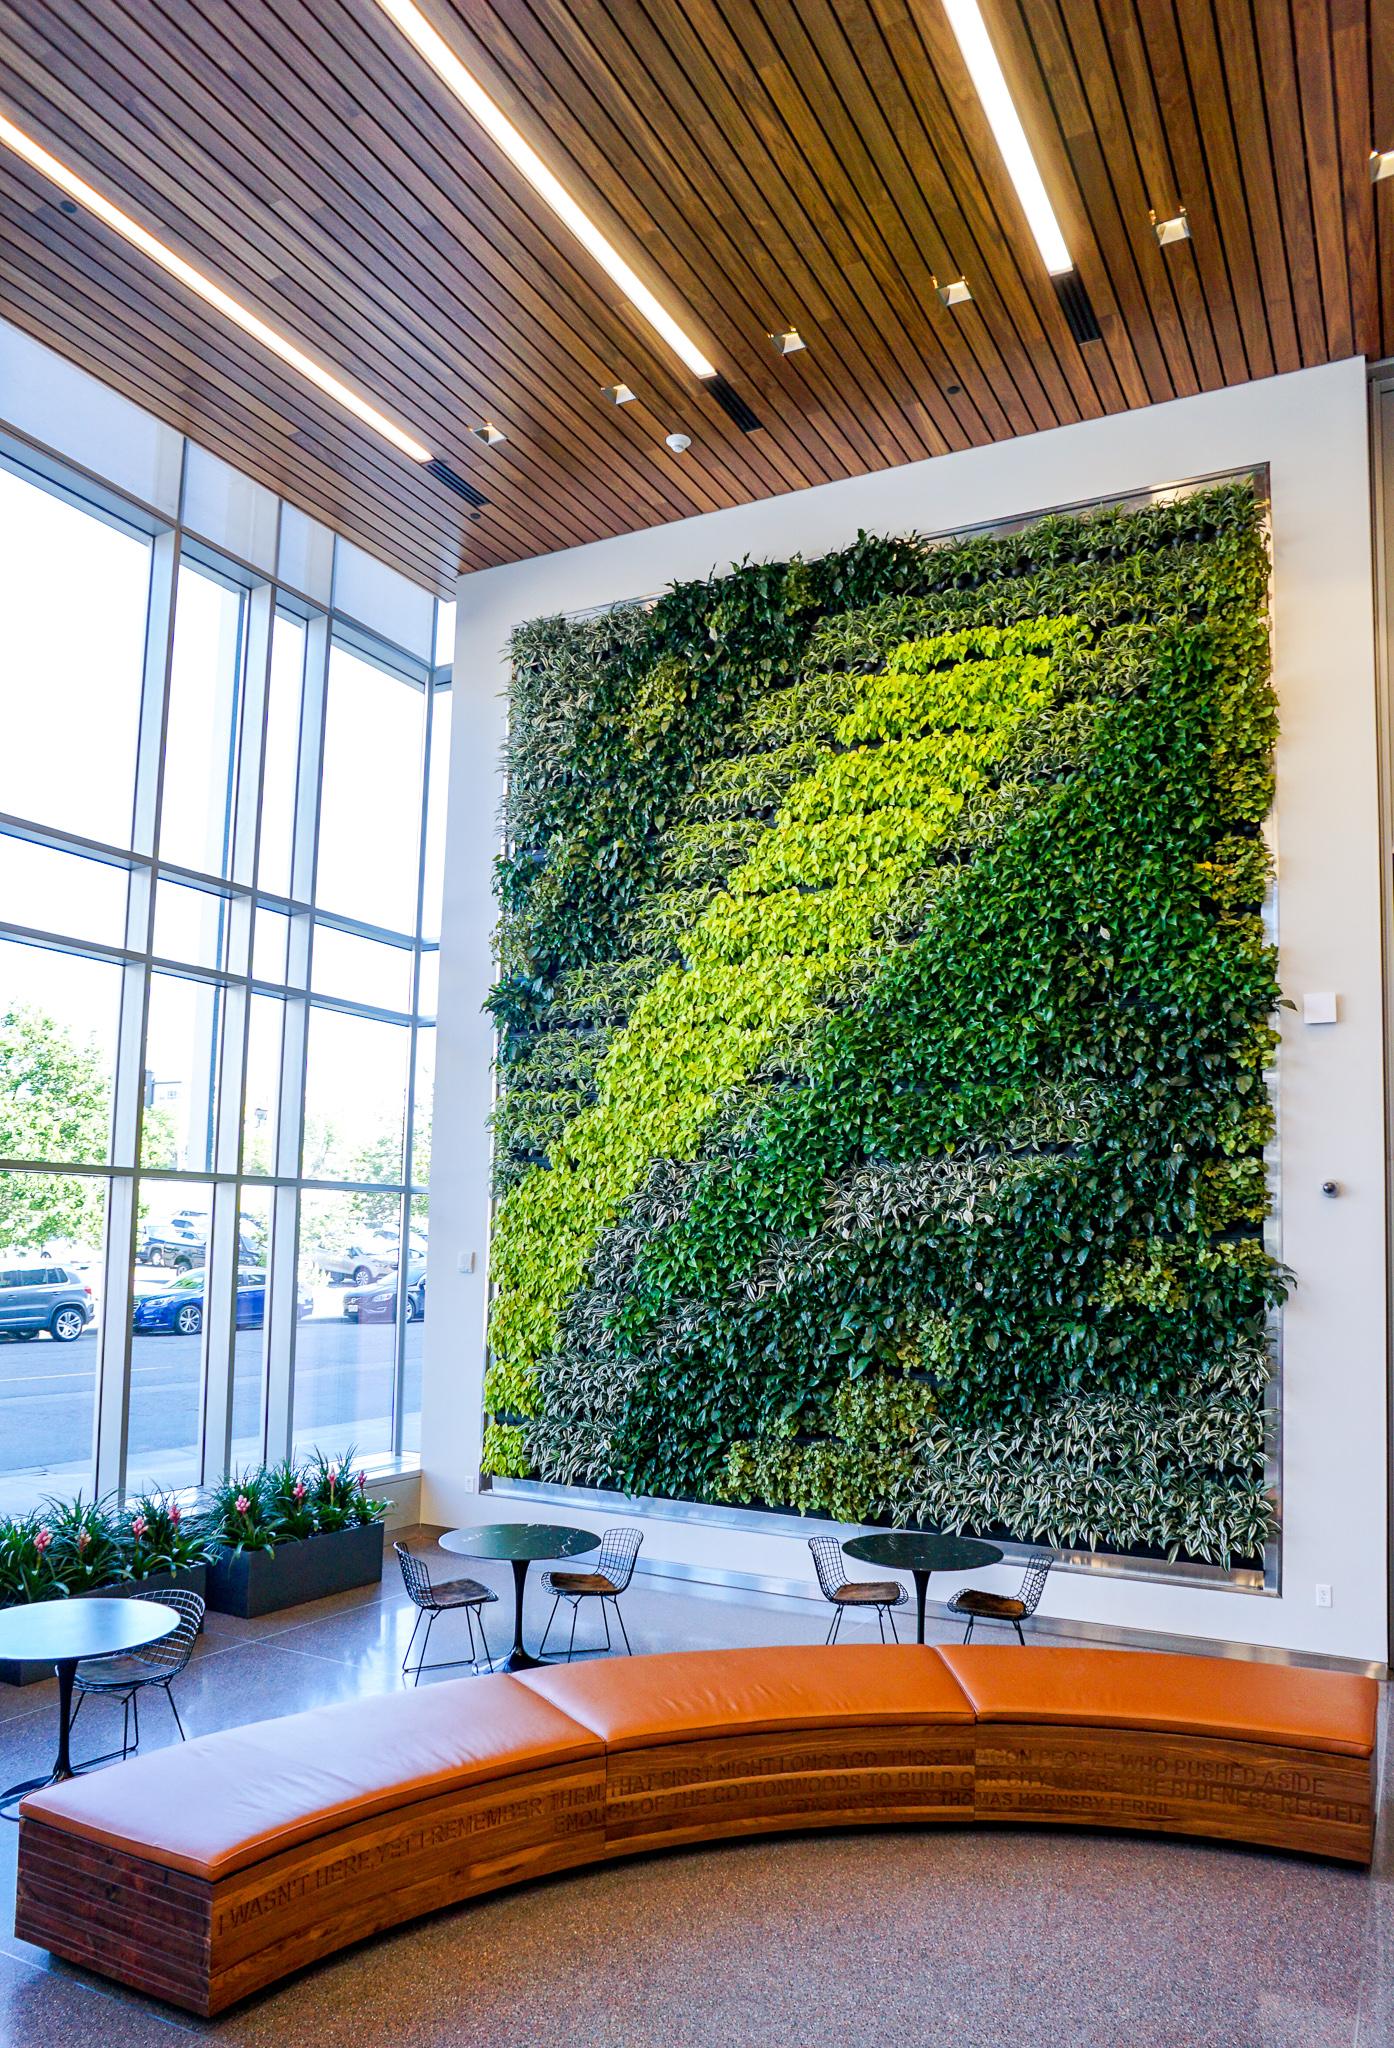 Denver, CO - Live Panel by Suite Plants